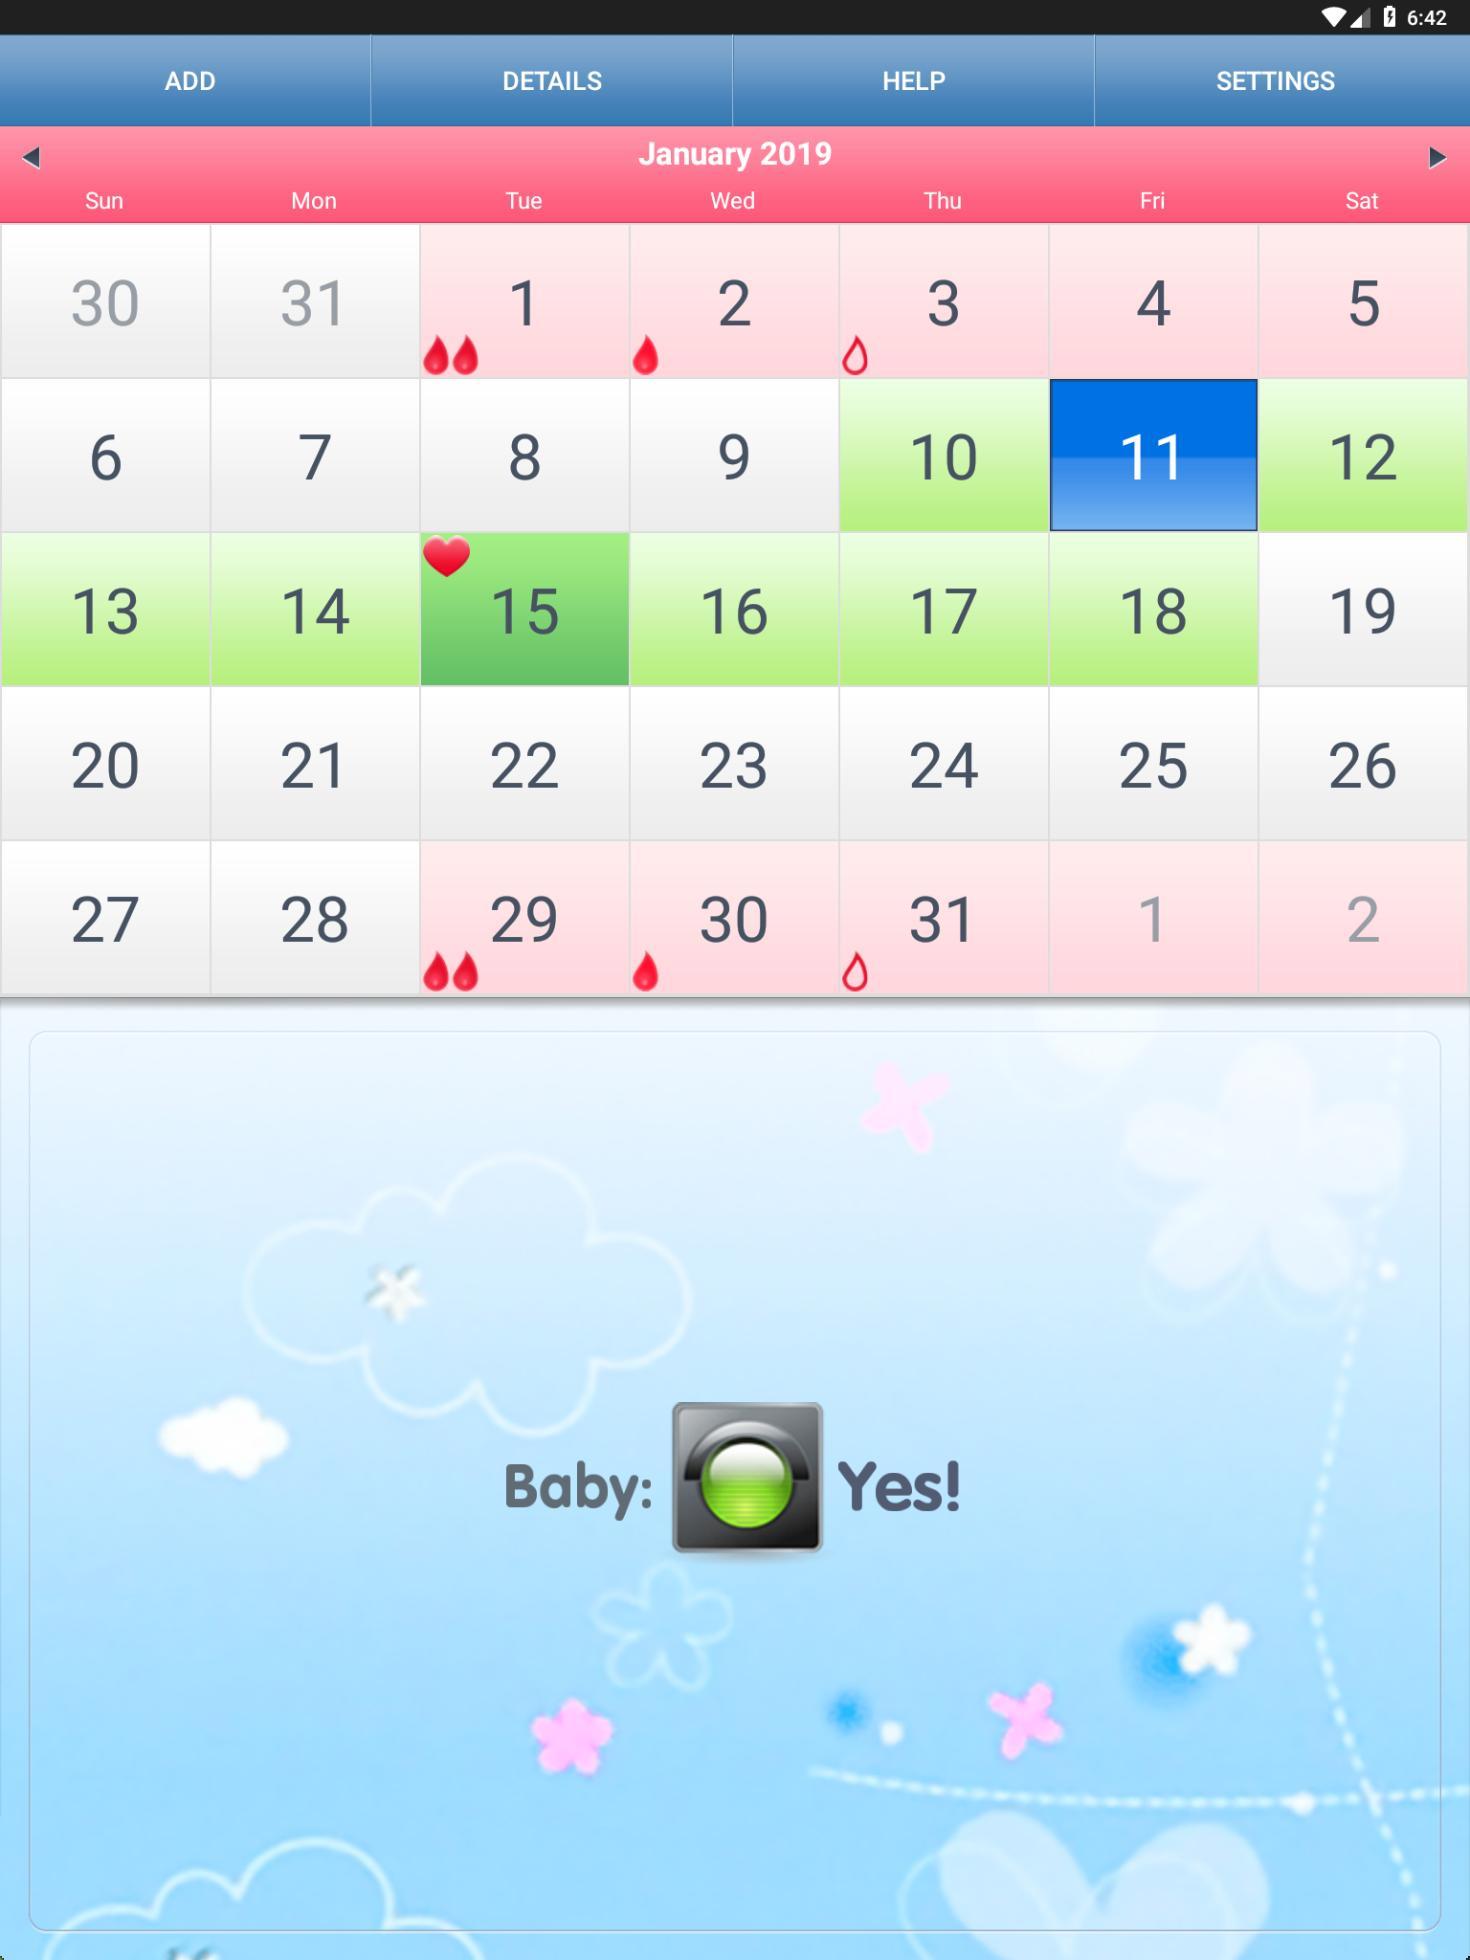 Calendrier Ovulation Et Regle.Ovulation Et Regles Calendrier Pour Android Telechargez L Apk